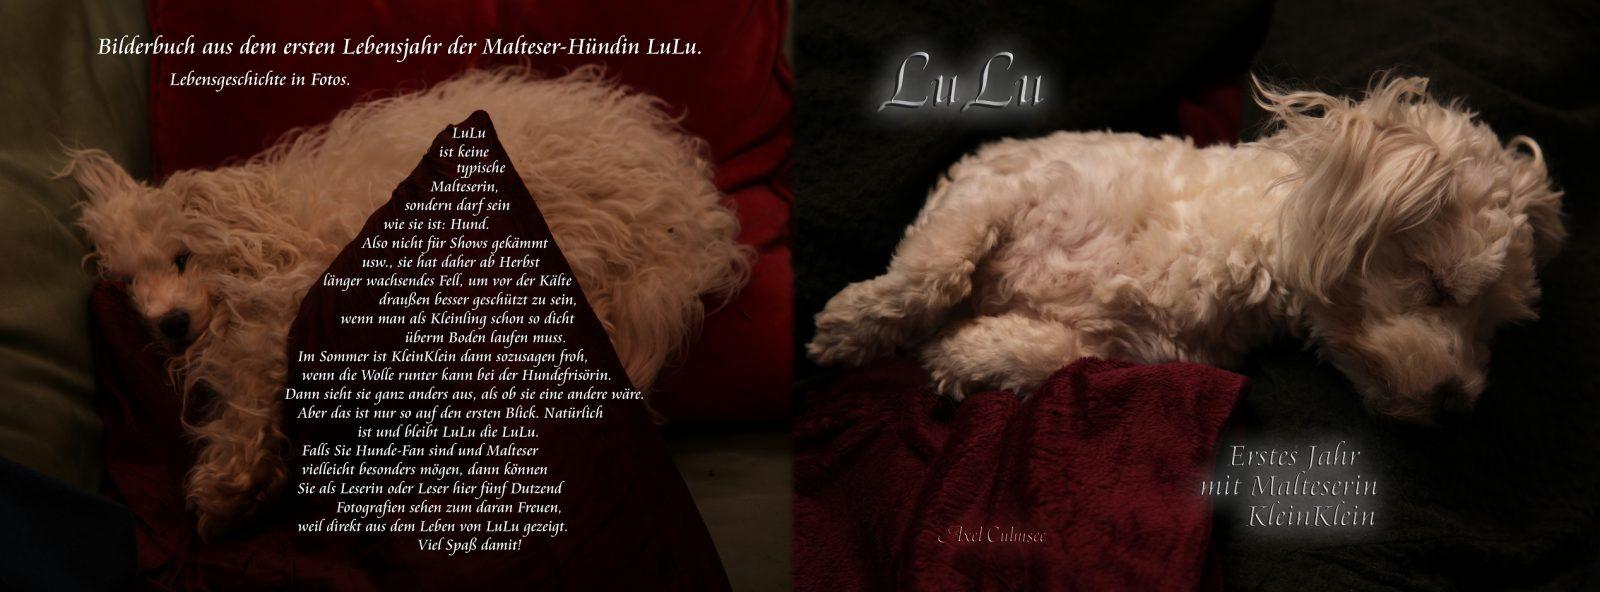 LuLu, Edition Print, Erstes Jahr mit Malteserin KleinKlein